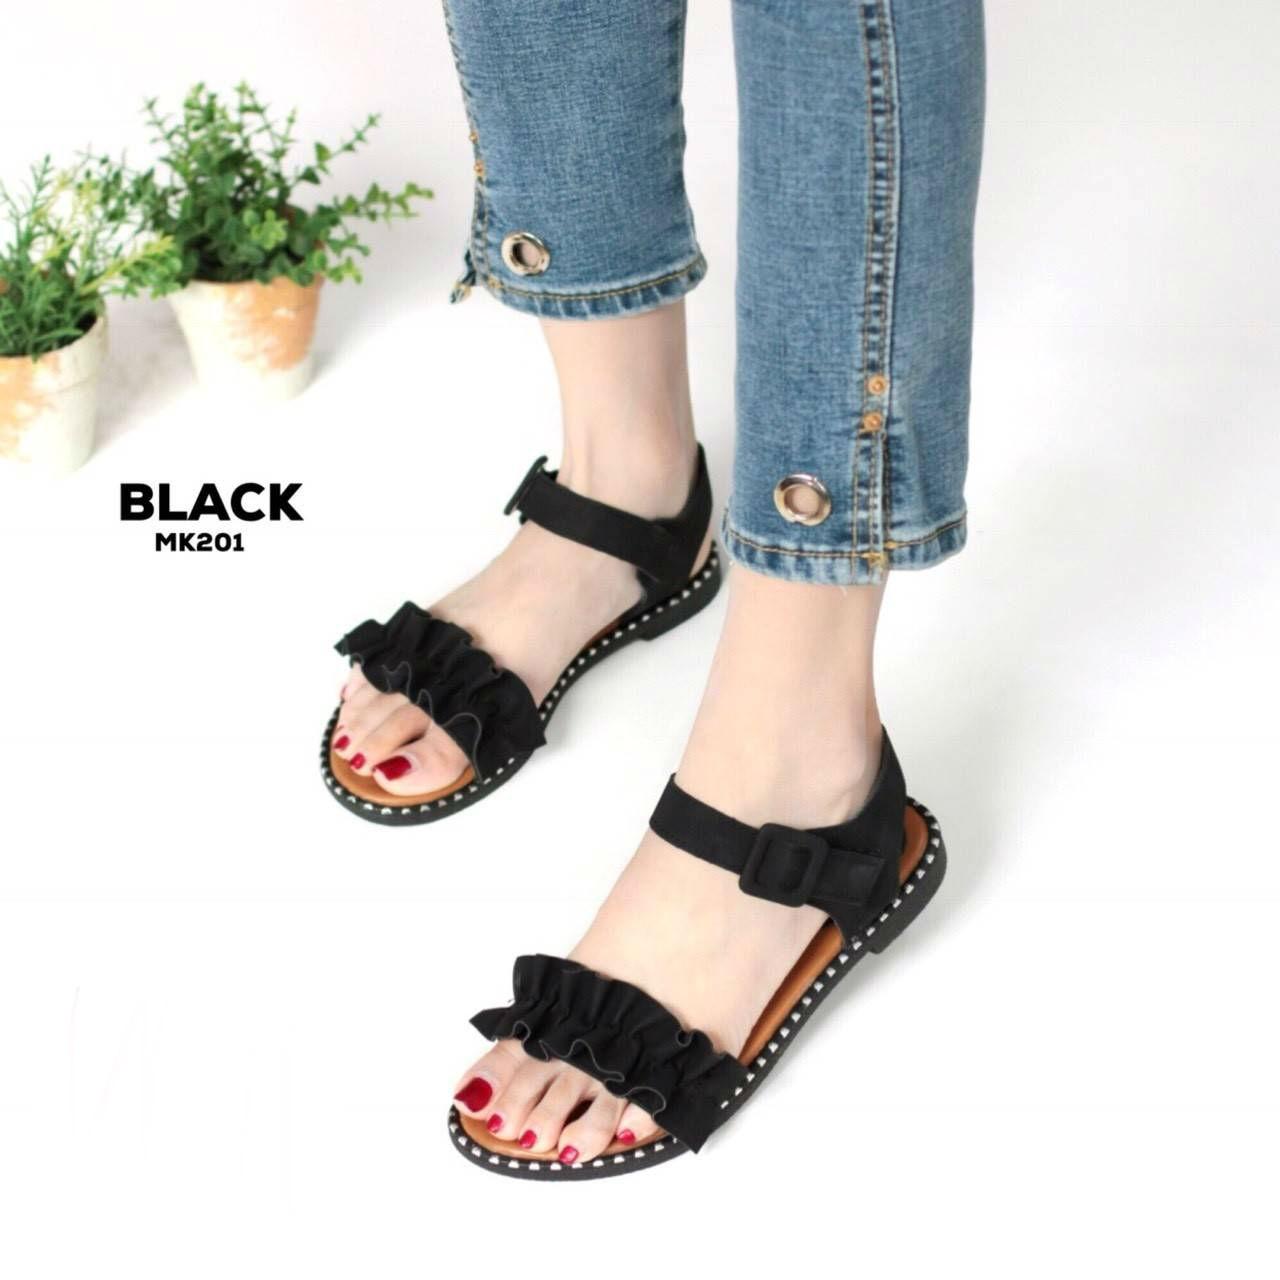 รองเท้าแตะแฟชั่น แบบสวม รัดส้น แต่งระบายสวยหวานน่ารักสไตล์เกาหลี หนังนิ่ม ทรงสวย ใส่สบาย แมทสวยได้ทุกชุด (MK201)